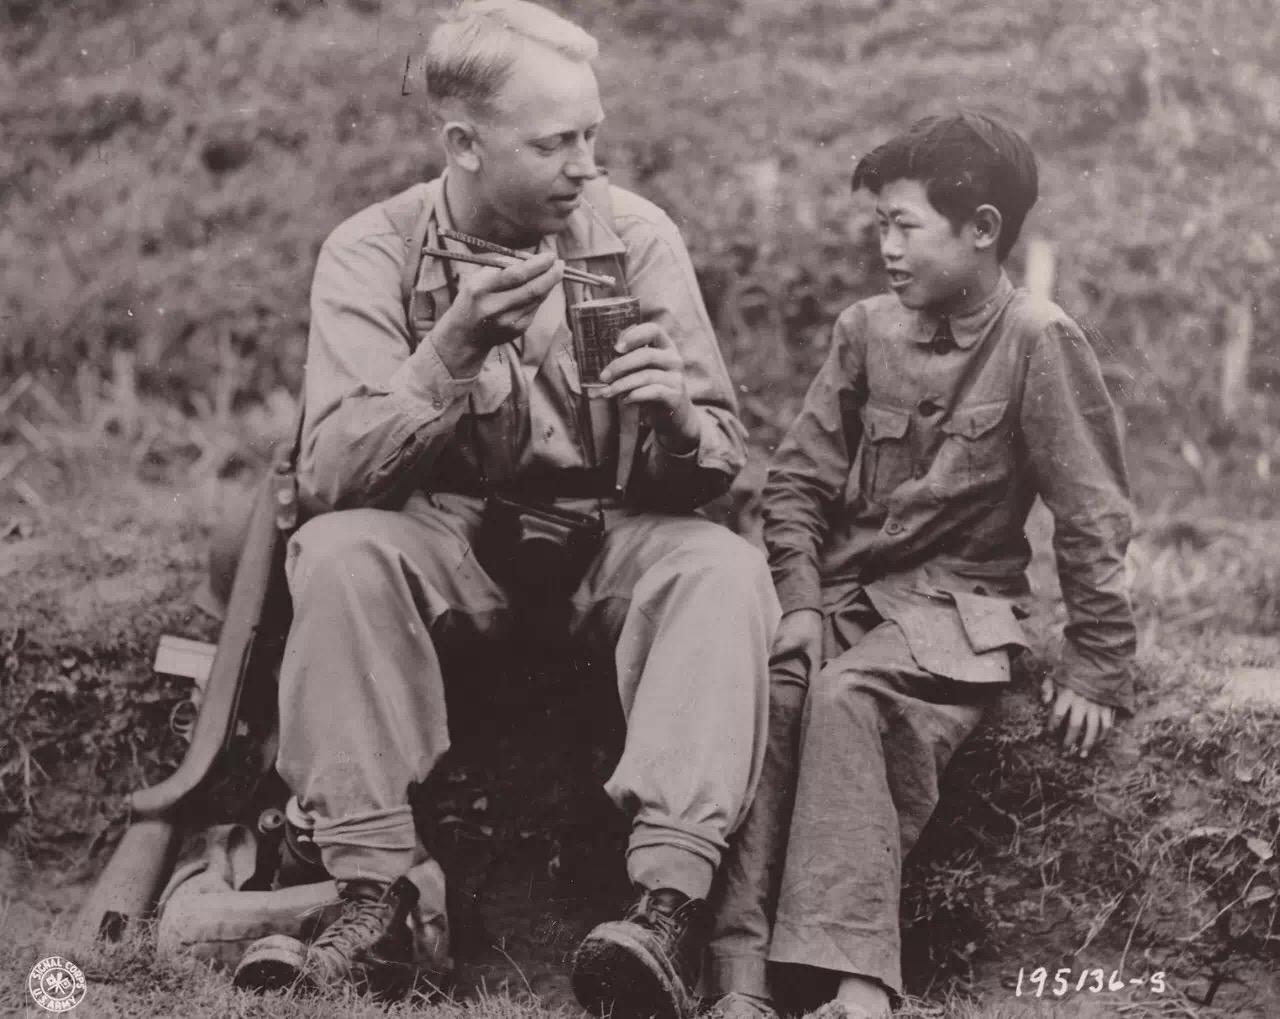 在中緬印戰場,來自北達科塔州的通信兵攝影師上等兵亞瑟‧海吉用筷子吃美國野戰口糧,身旁的小孩李田(右,音譯)在教他使用筷子。1944年5月6日攝於中國。(中國深圳市越眾歷史影像館)